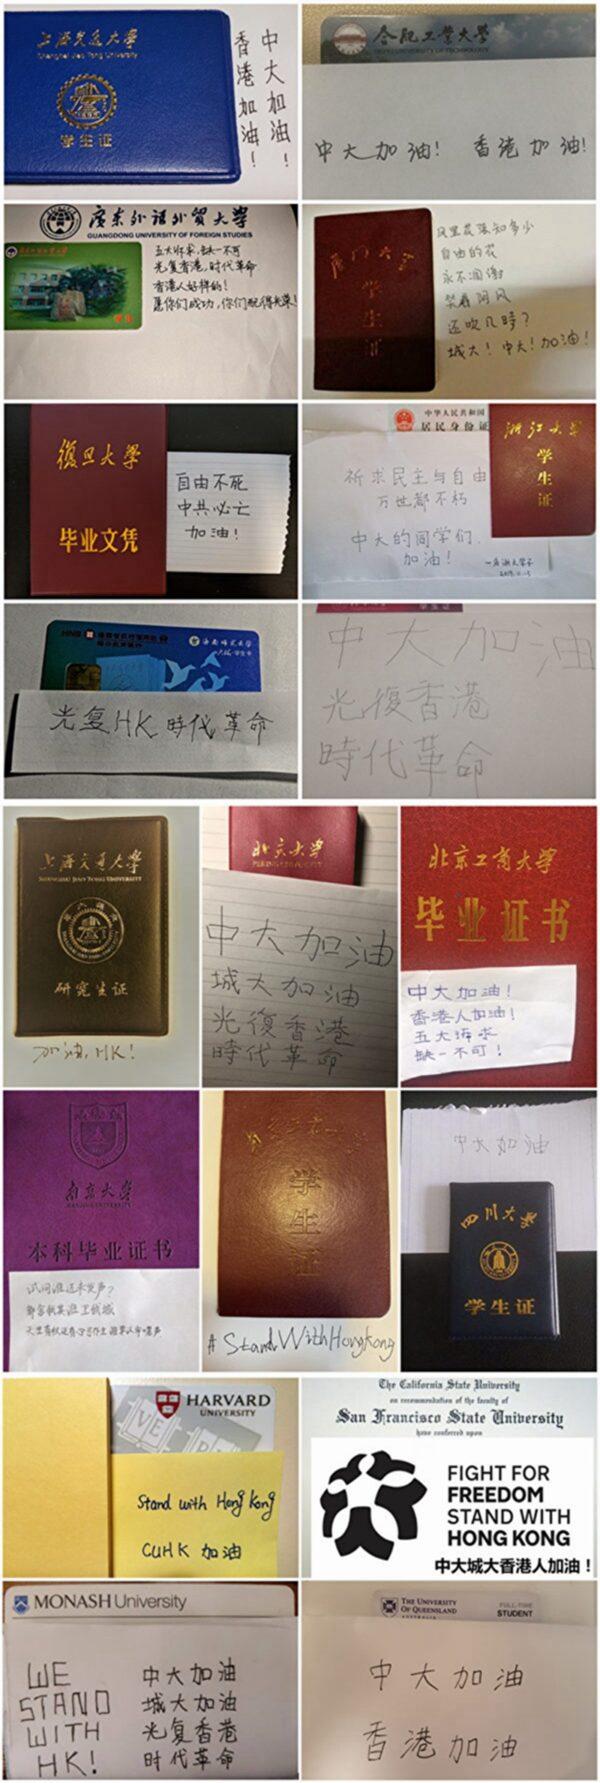 海內外大陸學生和校友聲援香港。(合成圖/品蔥網)